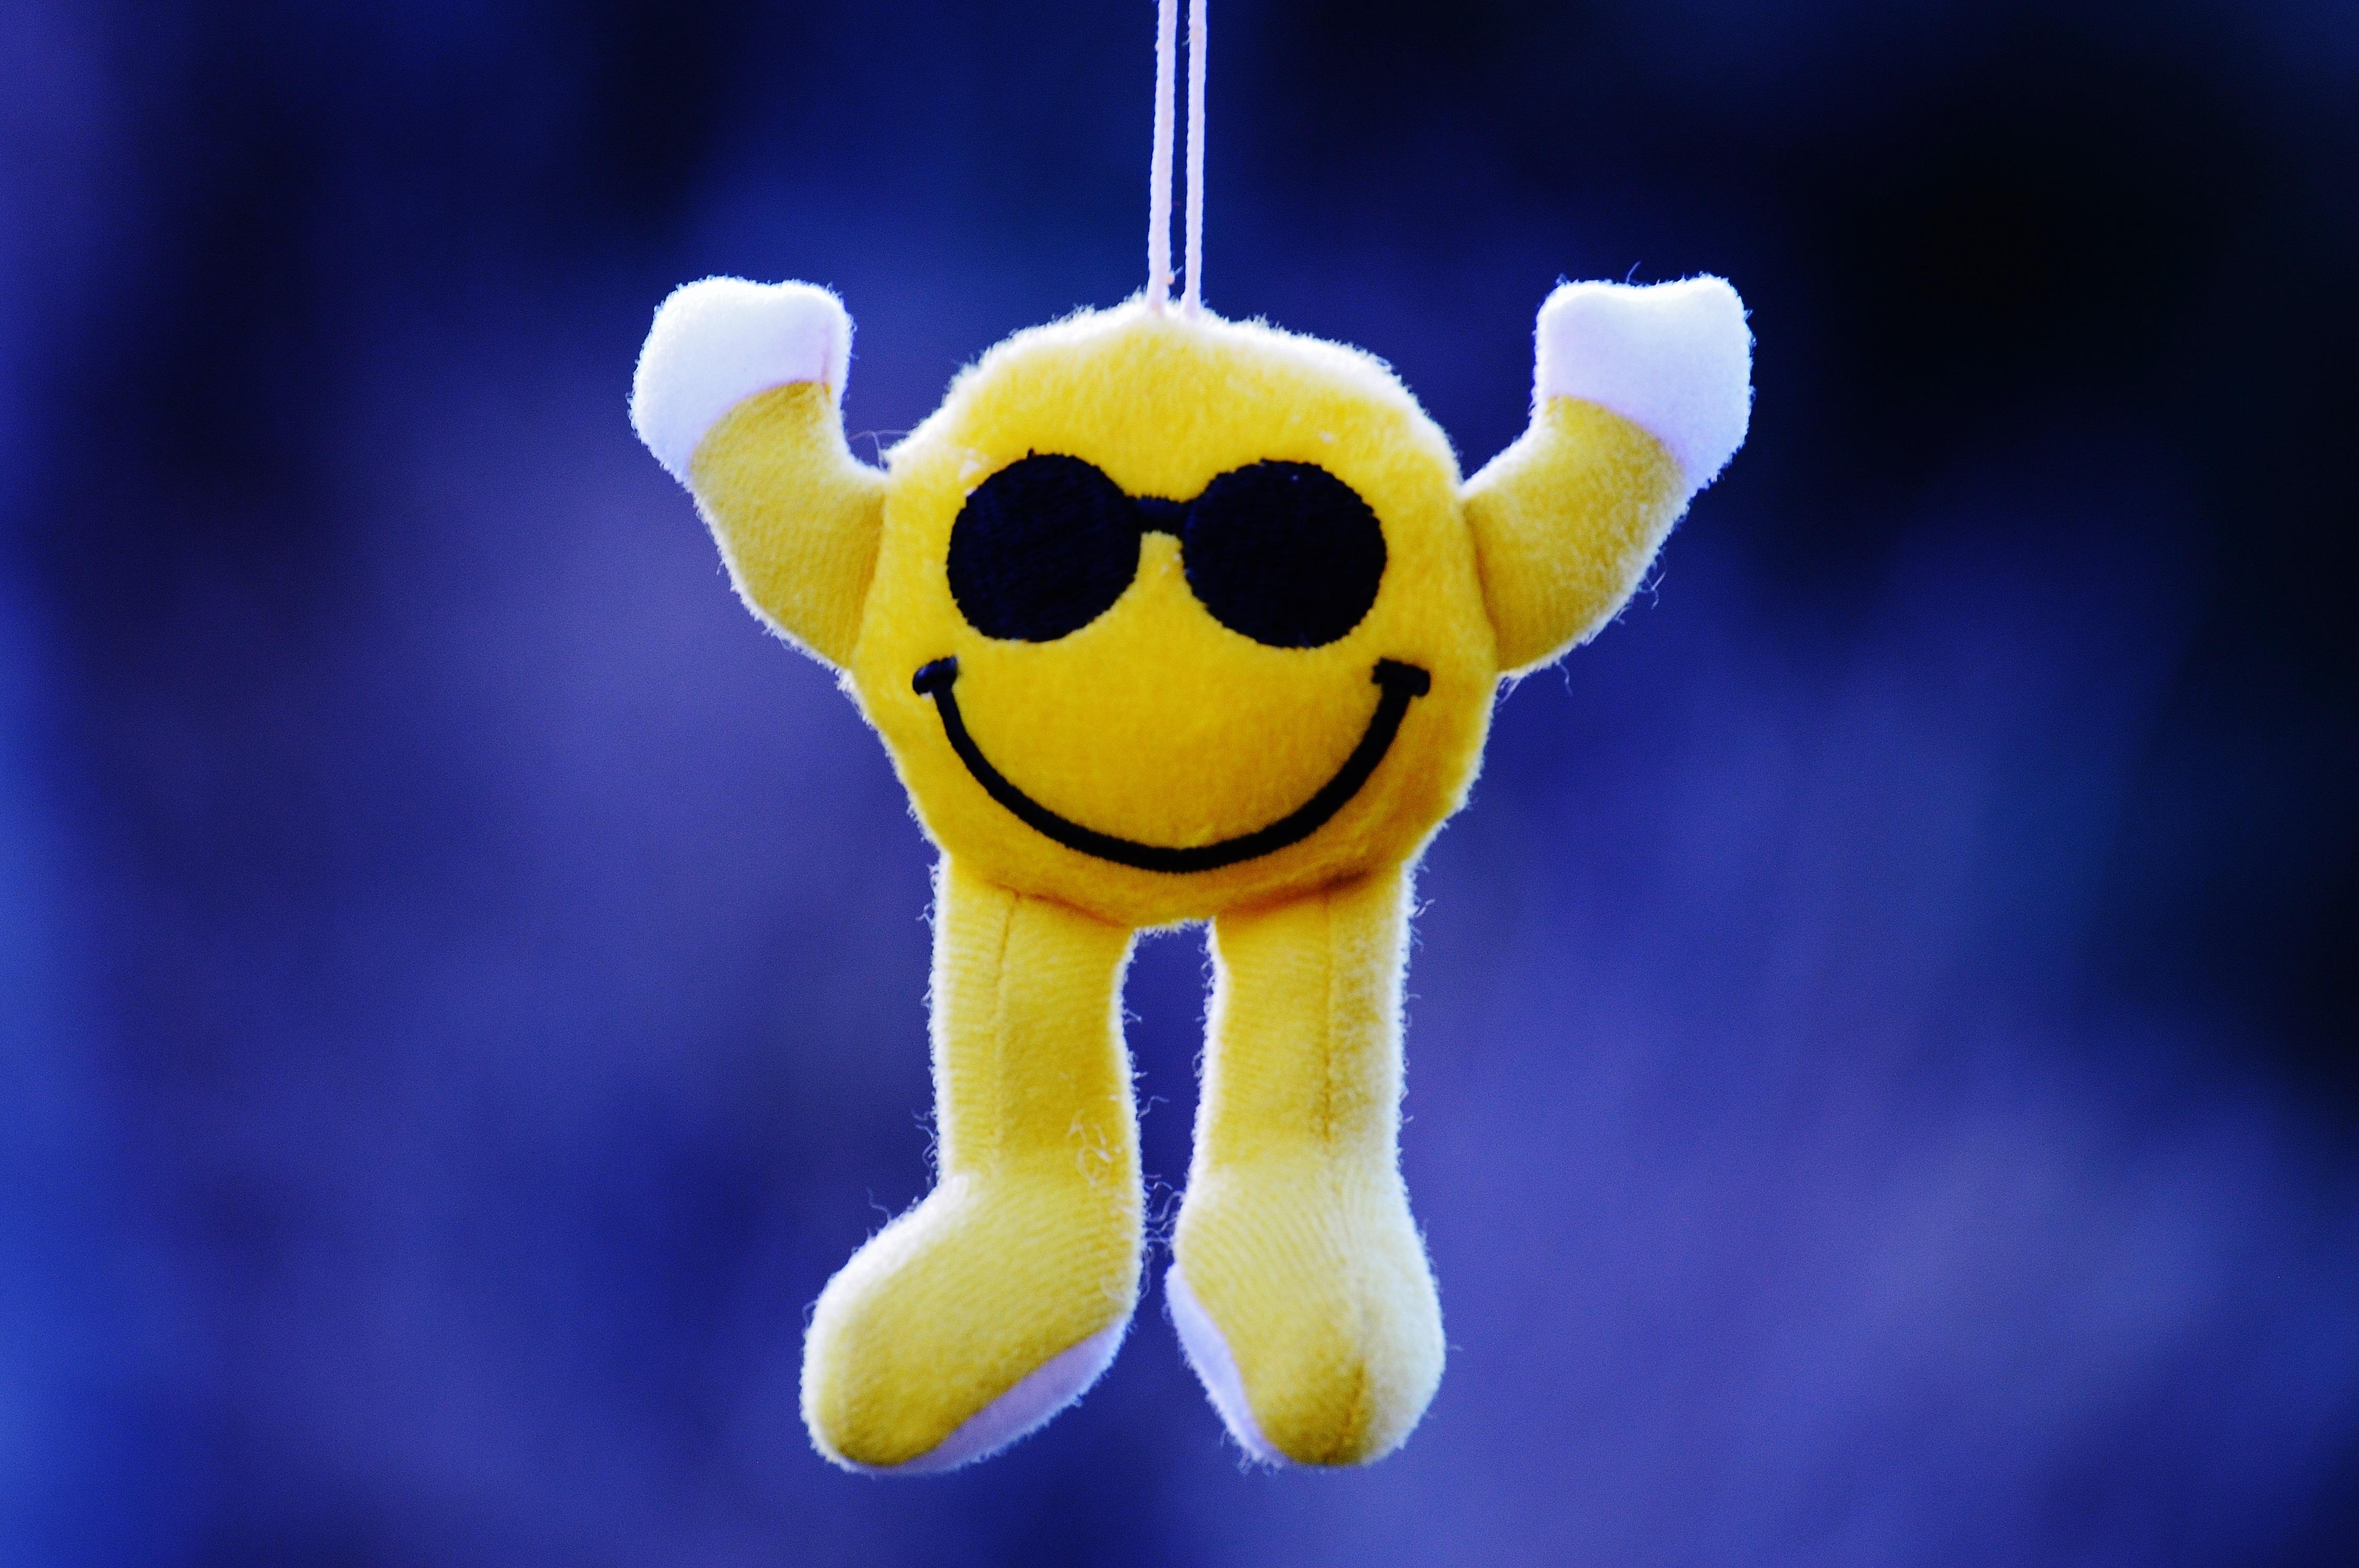 Gambar Manis Kuning Mainan Tertawa Produk Riang